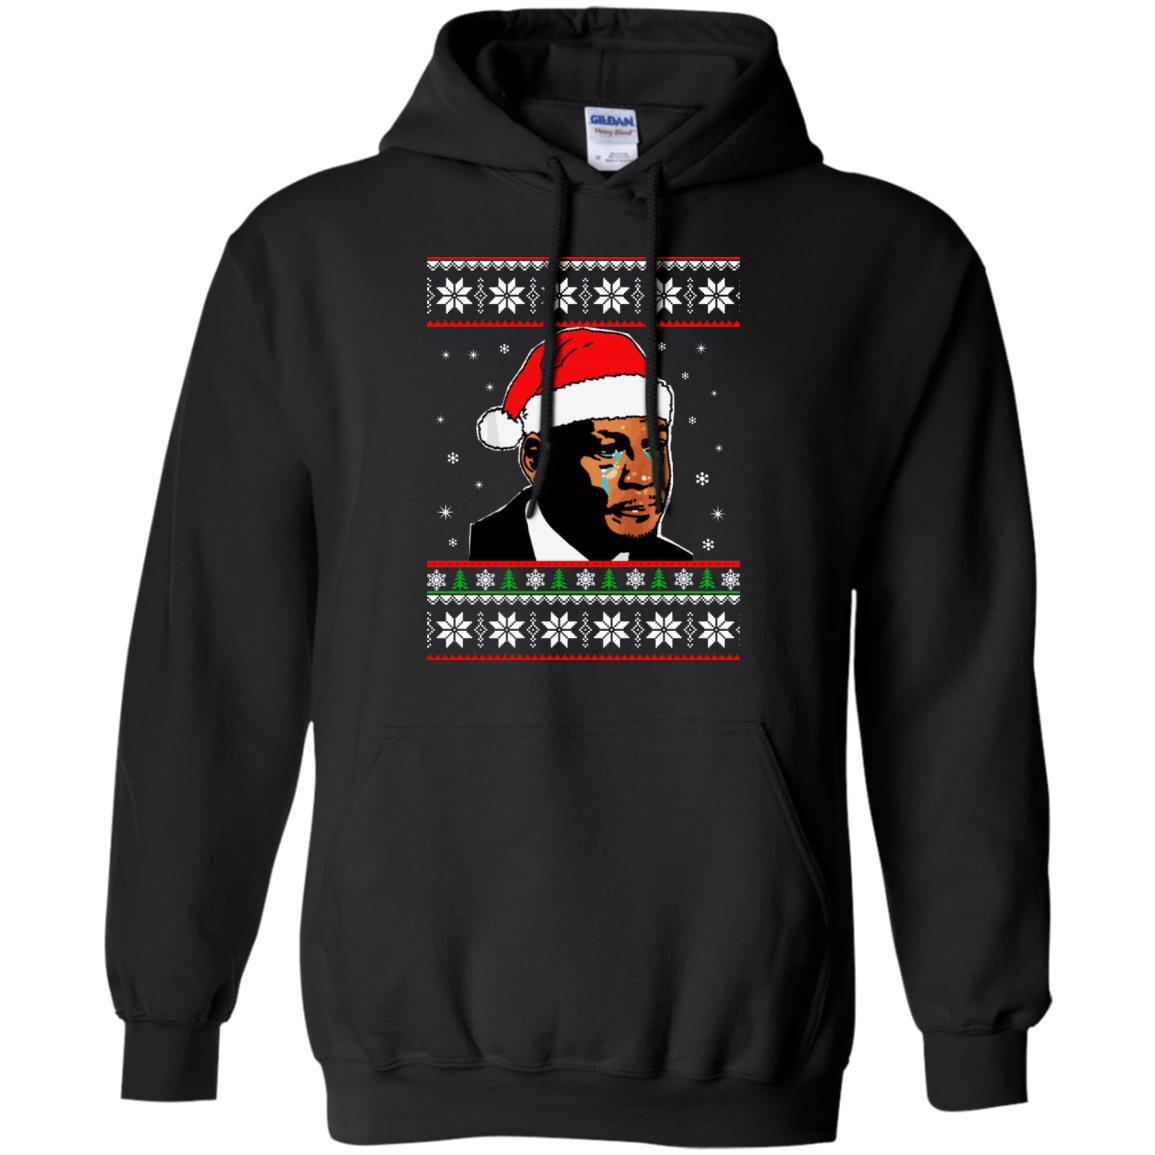 image 2665 - Crying Jordan Christmas Sweater, Christmas Jordan Ugly Sweatshirt